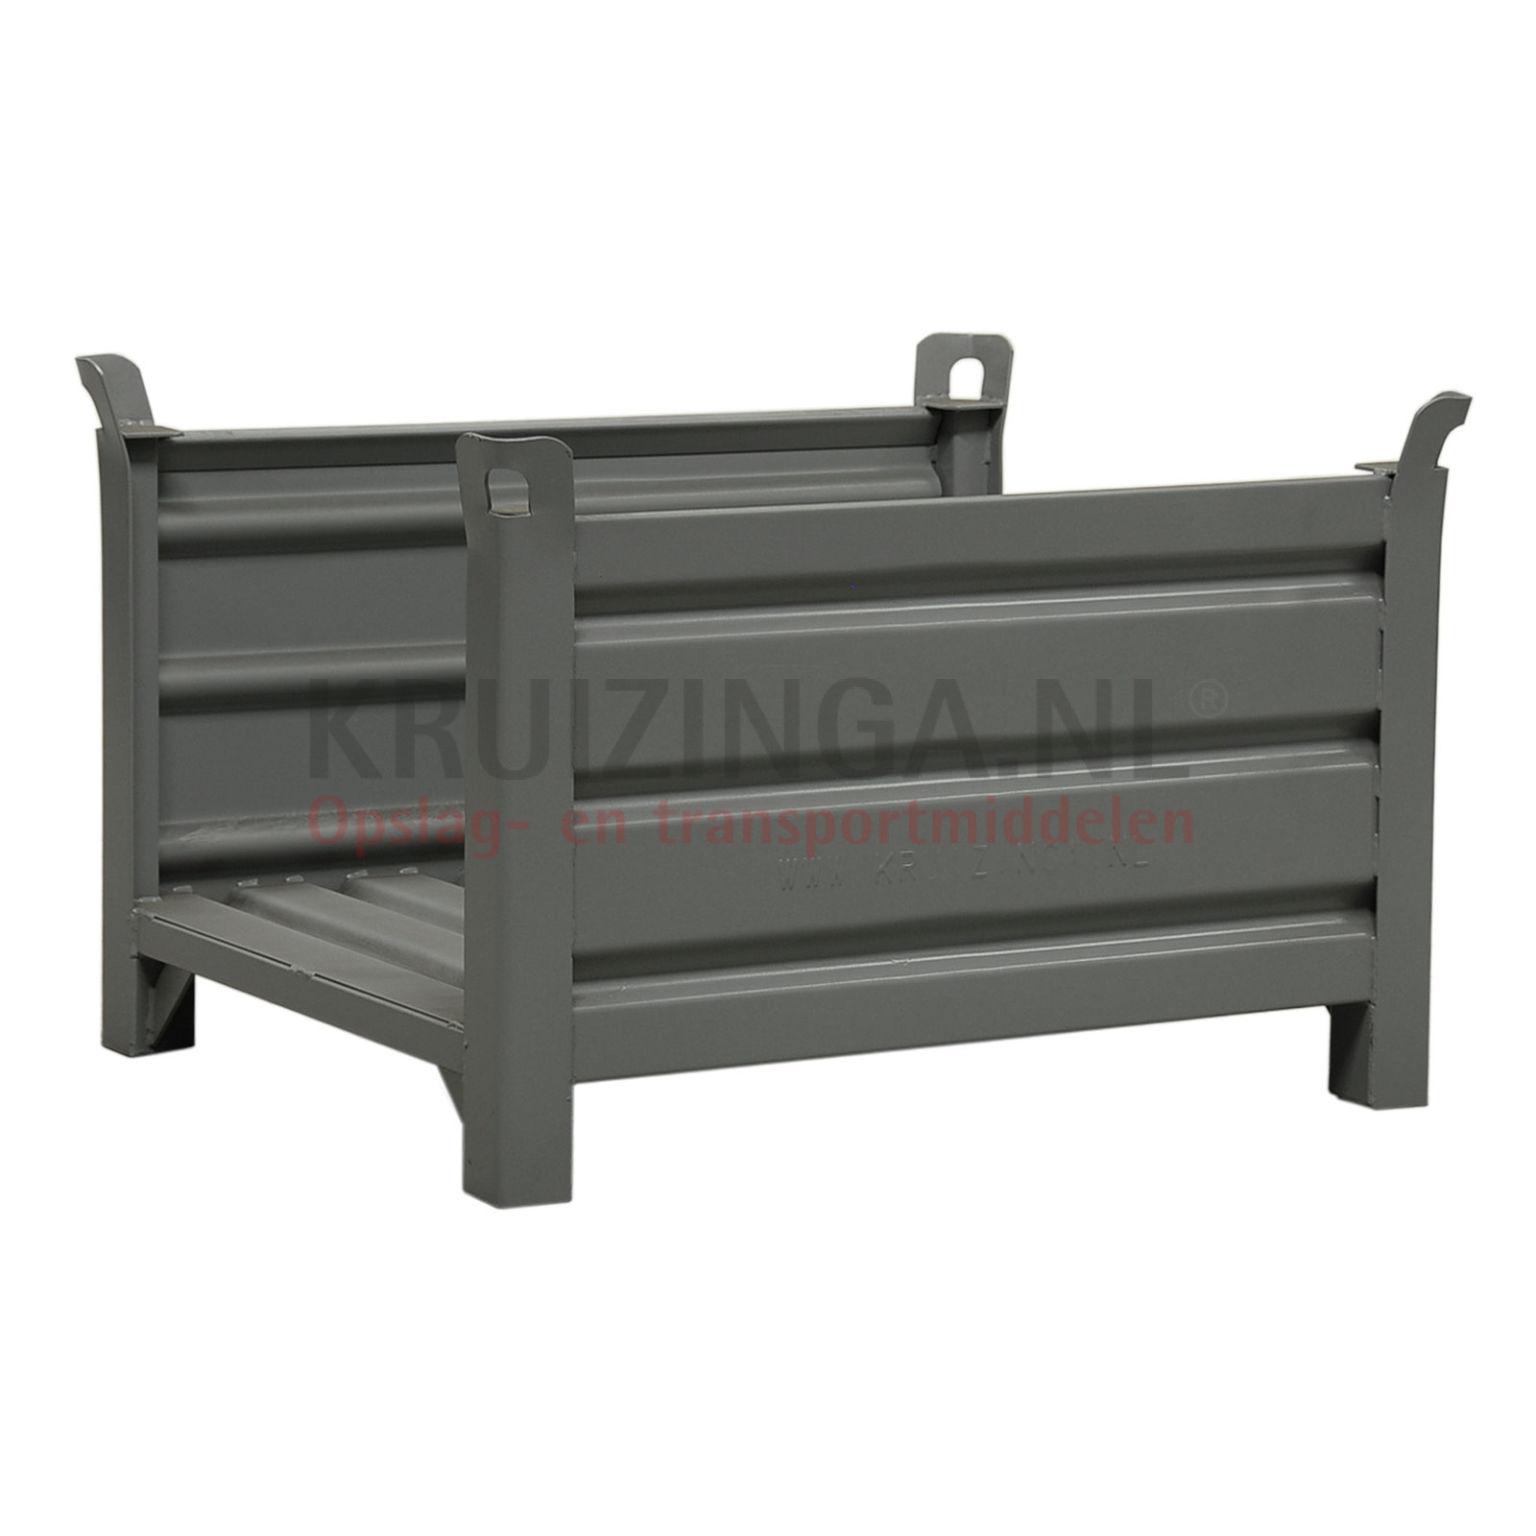 bac de rangement acier construction robuste bac empilable berceau pour charges longues 2 parois. Black Bedroom Furniture Sets. Home Design Ideas